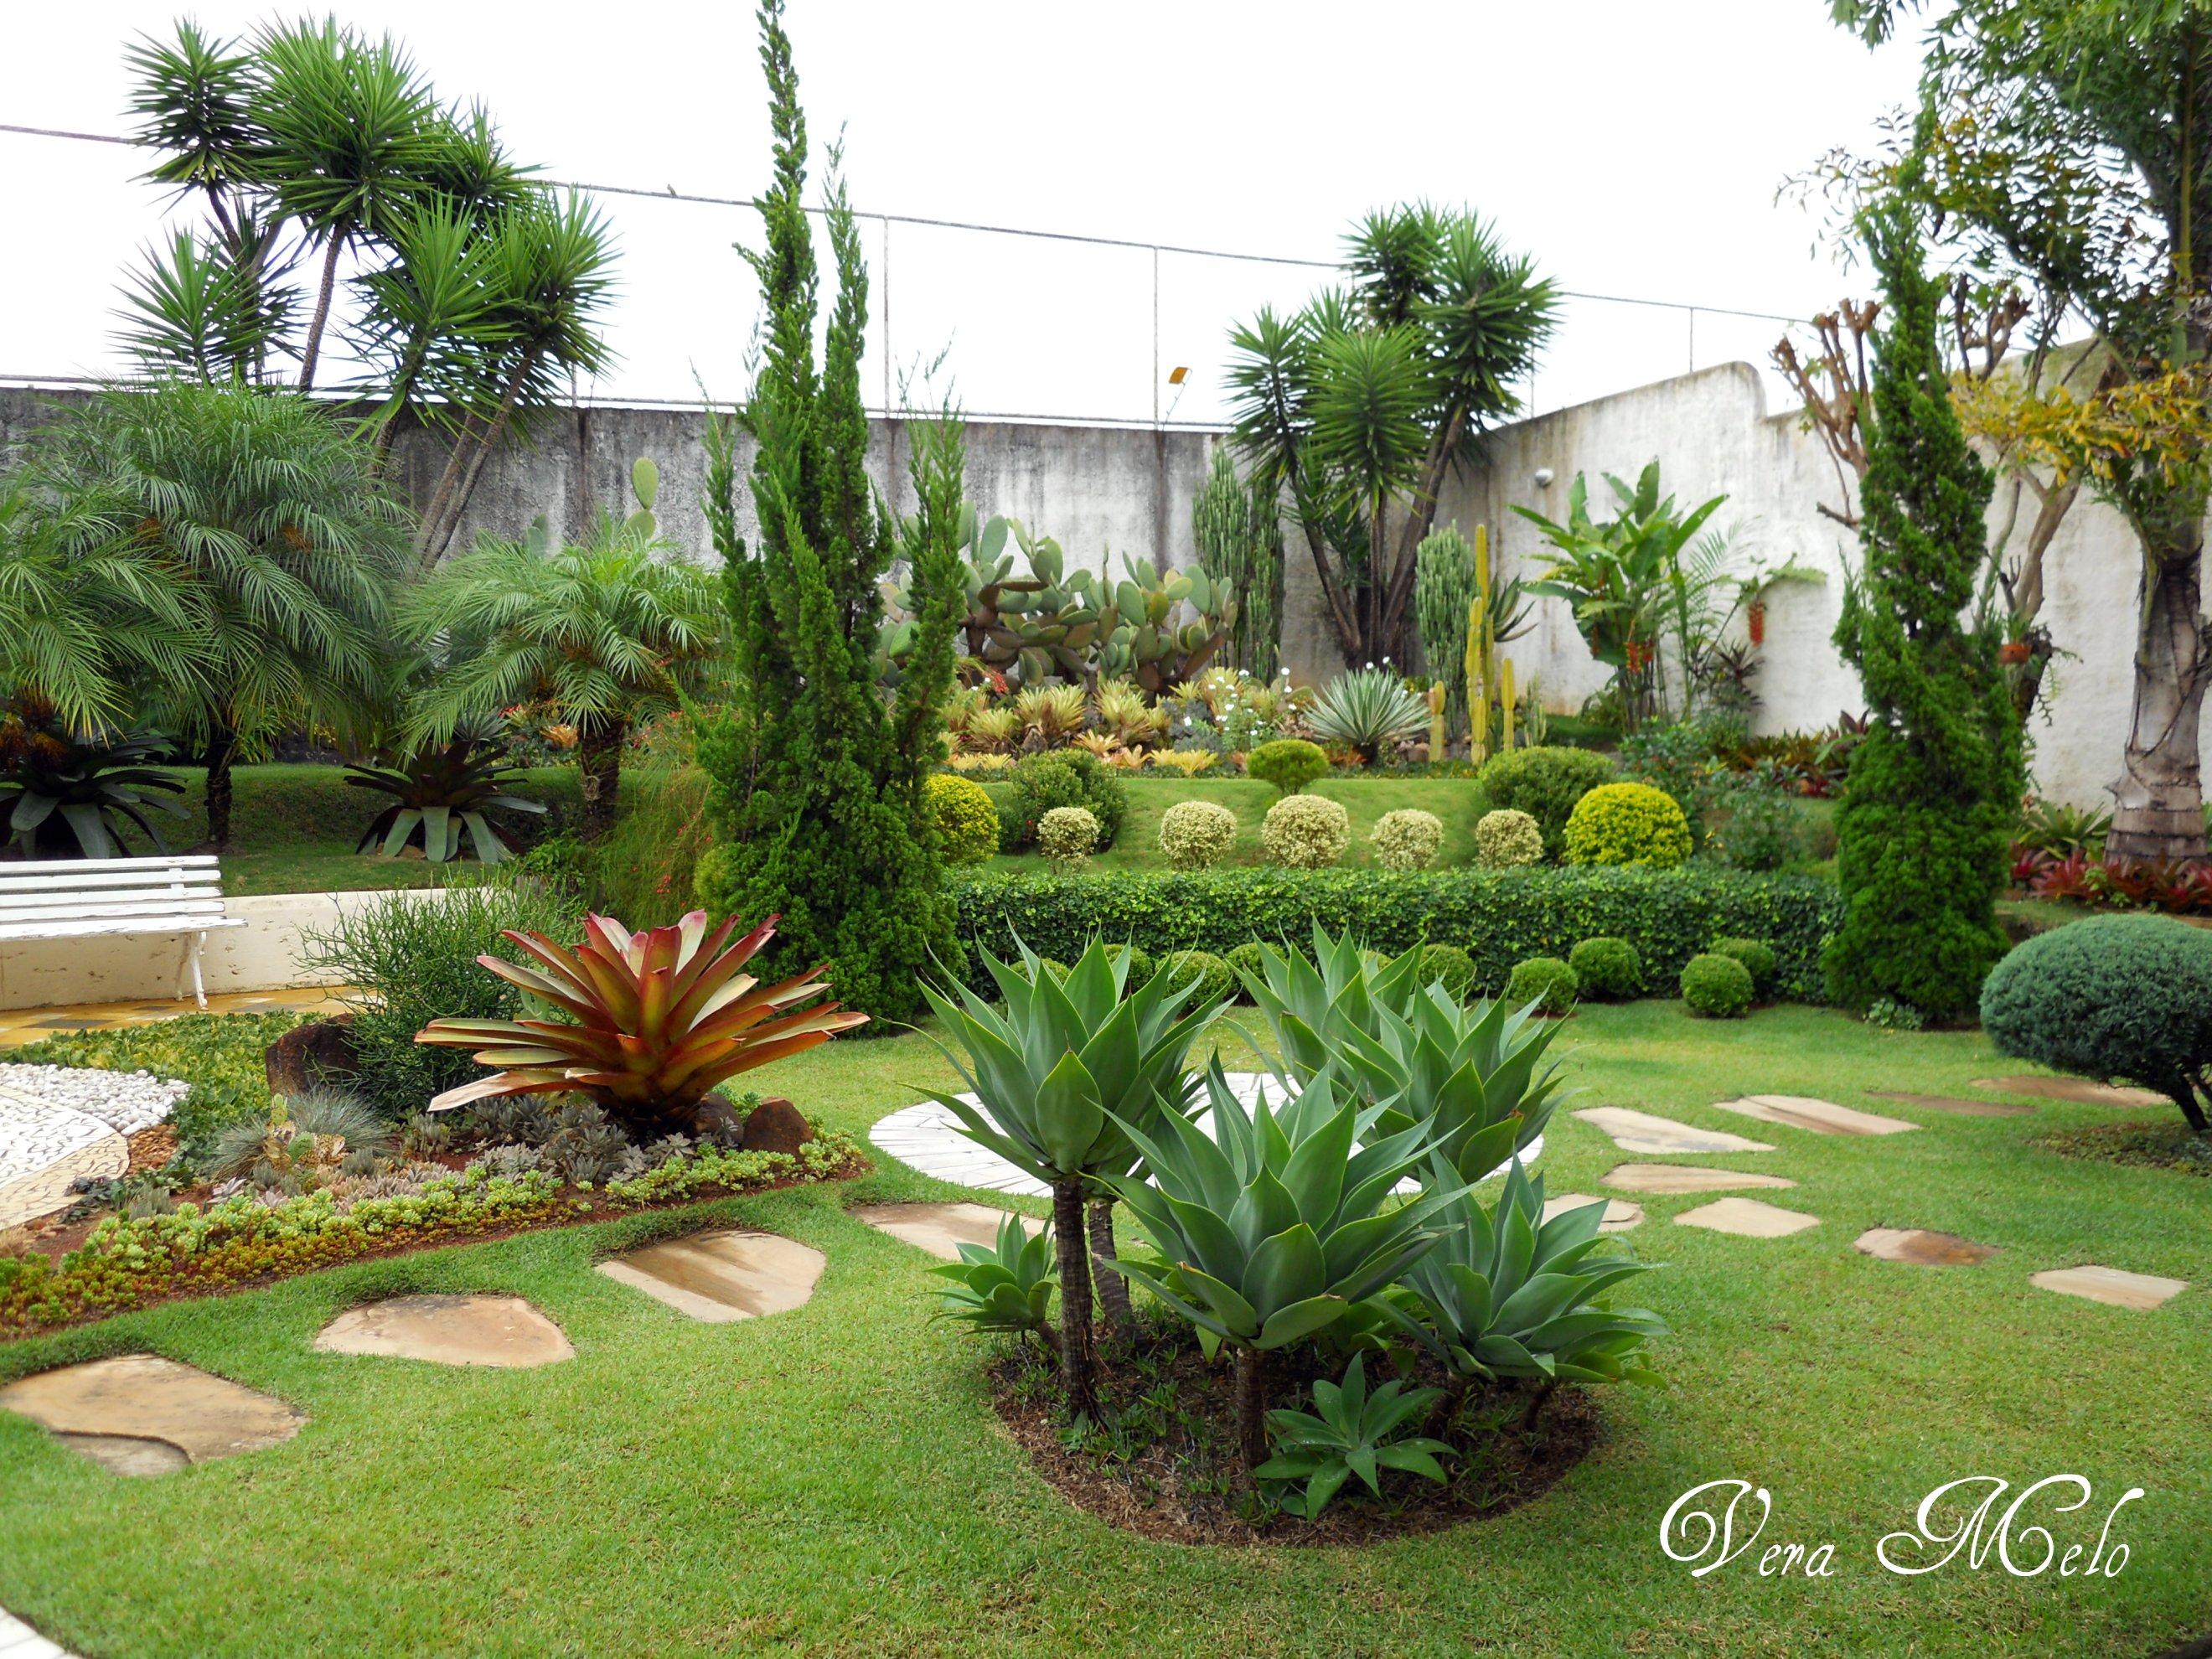 Ideias de jardim simples design de imagem for Jardines pequenos simples